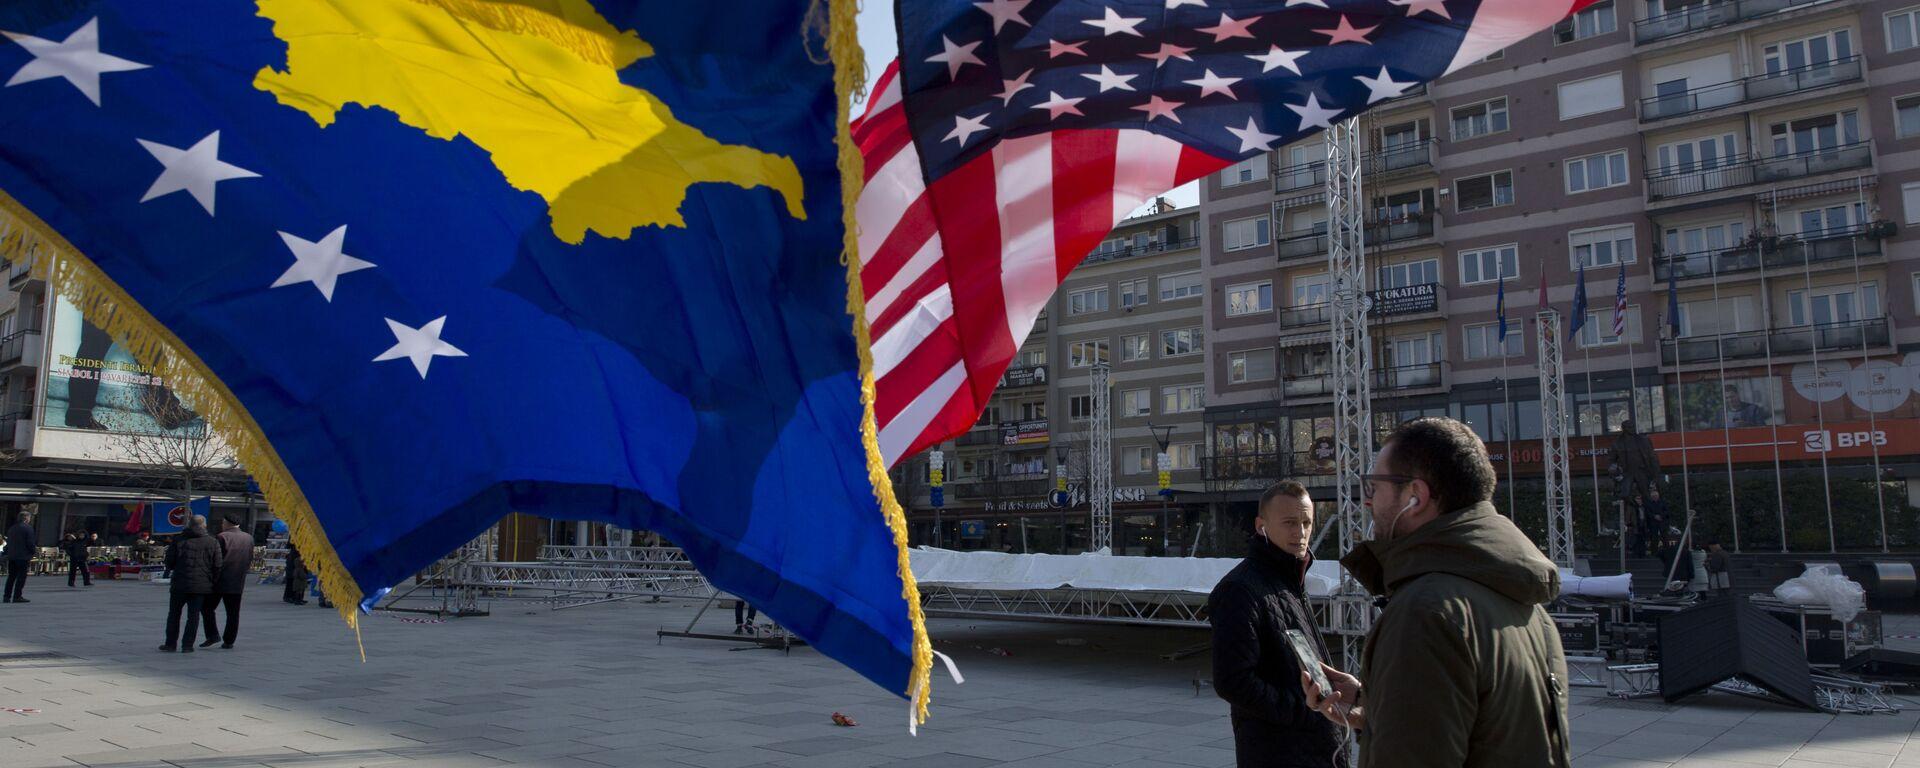 Flagi Kosowa i USA zdobią główny plac w Prisztinie, Kosowo - Sputnik Polska, 1920, 19.07.2021